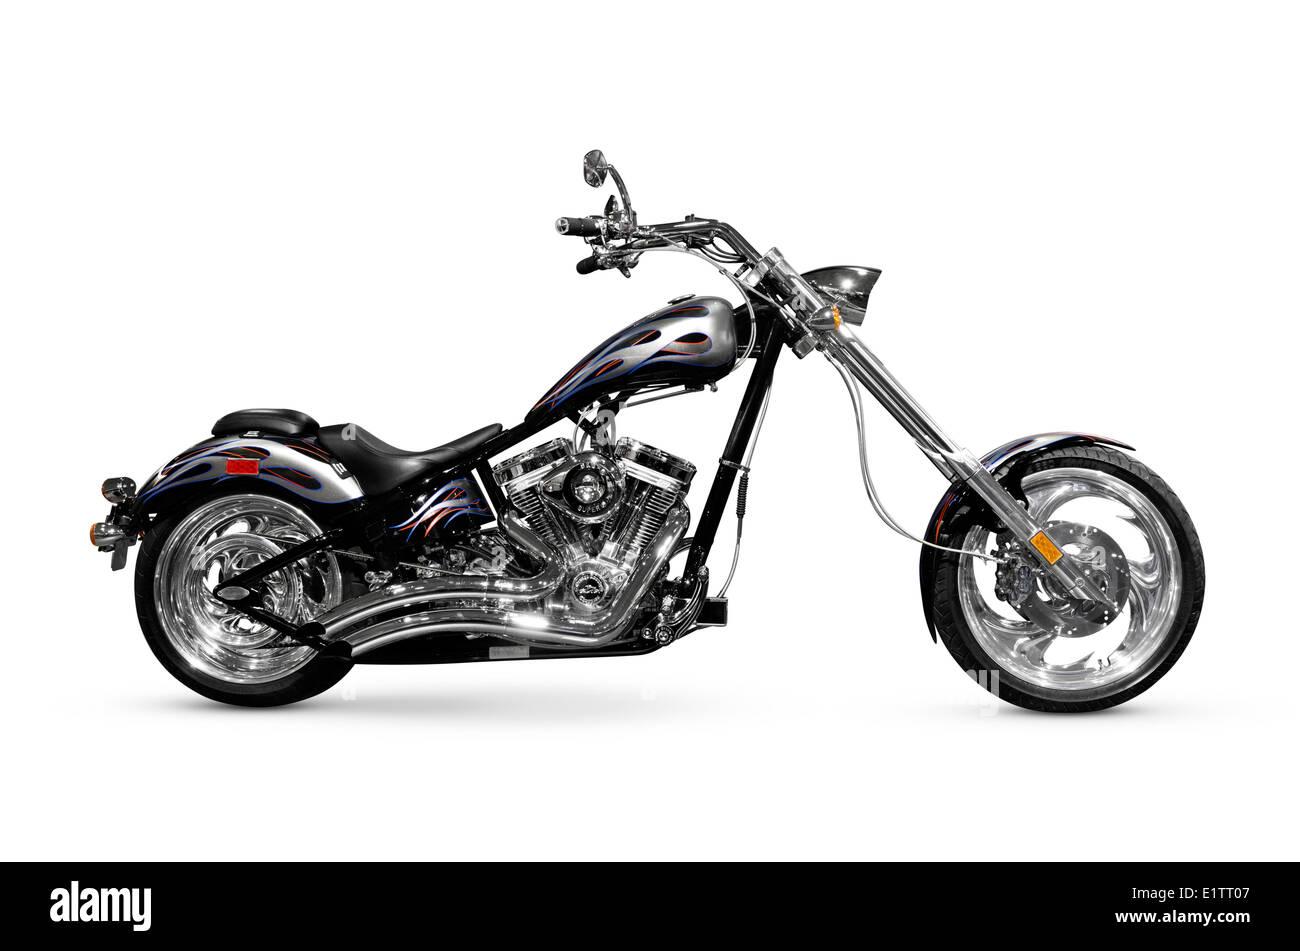 Shiny black with chrome chopper. Customized motorcycle. Isolated on white background - Stock Image